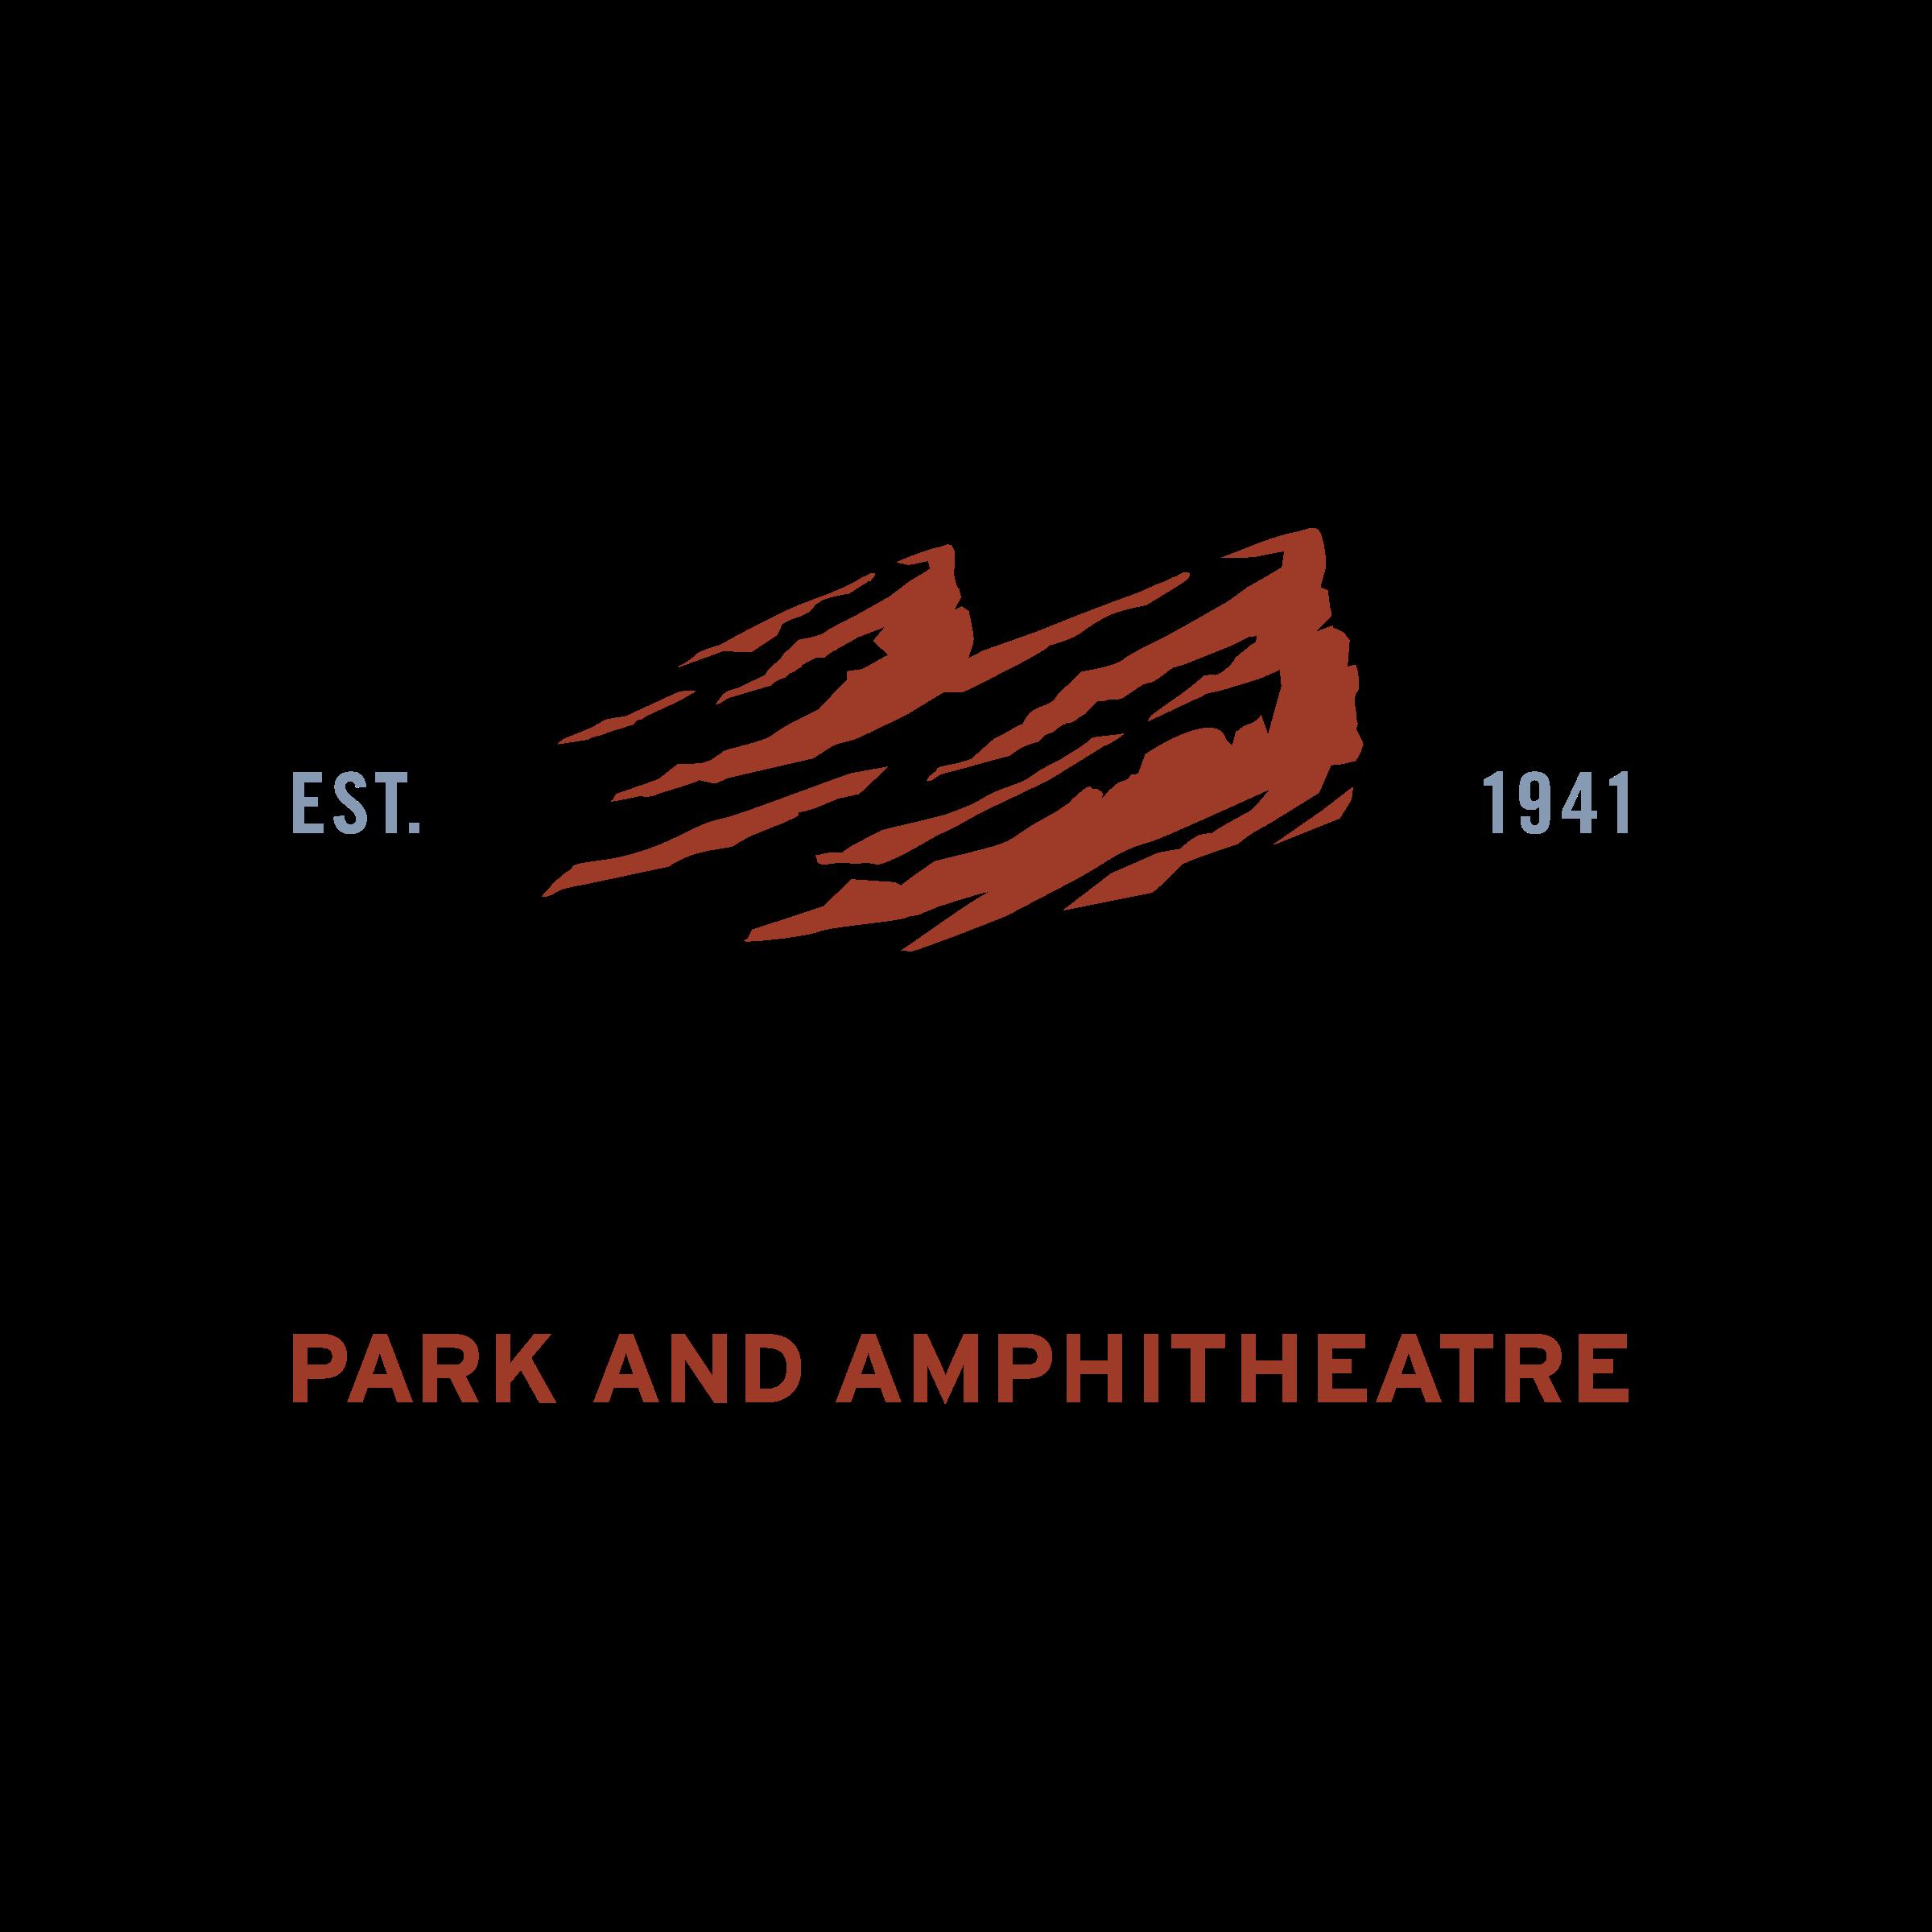 red-rocks-3-logo-png-transparent